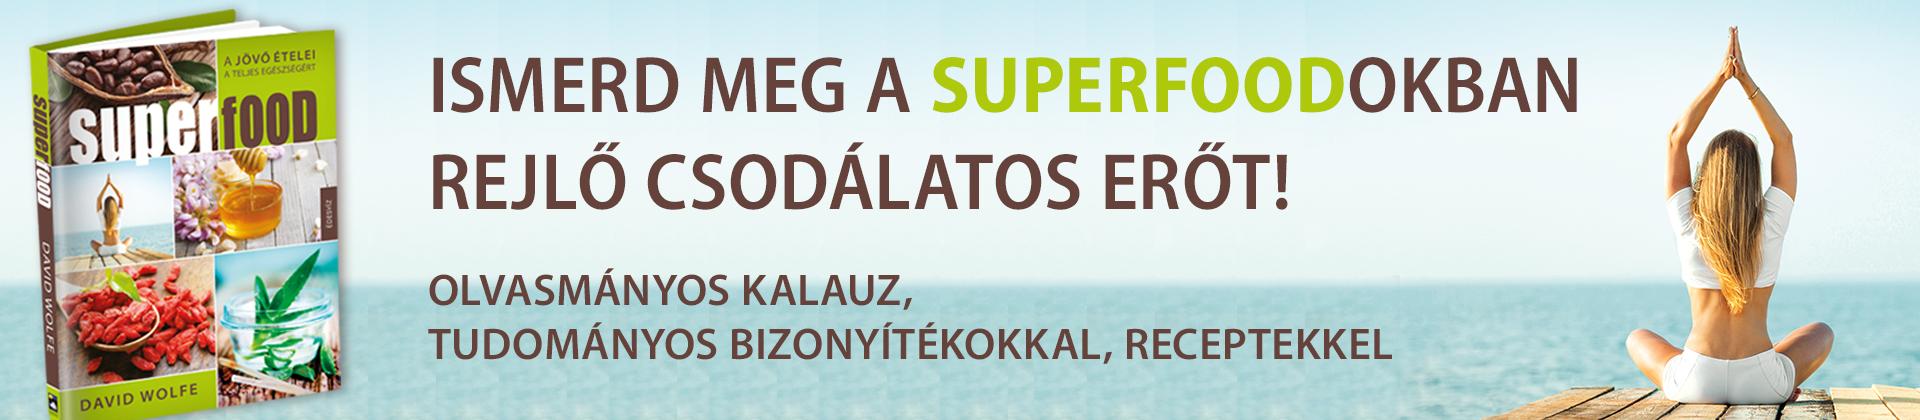 Megjelent a szuperélelmiszerekről szóló könyv, a SUPERFOOD!